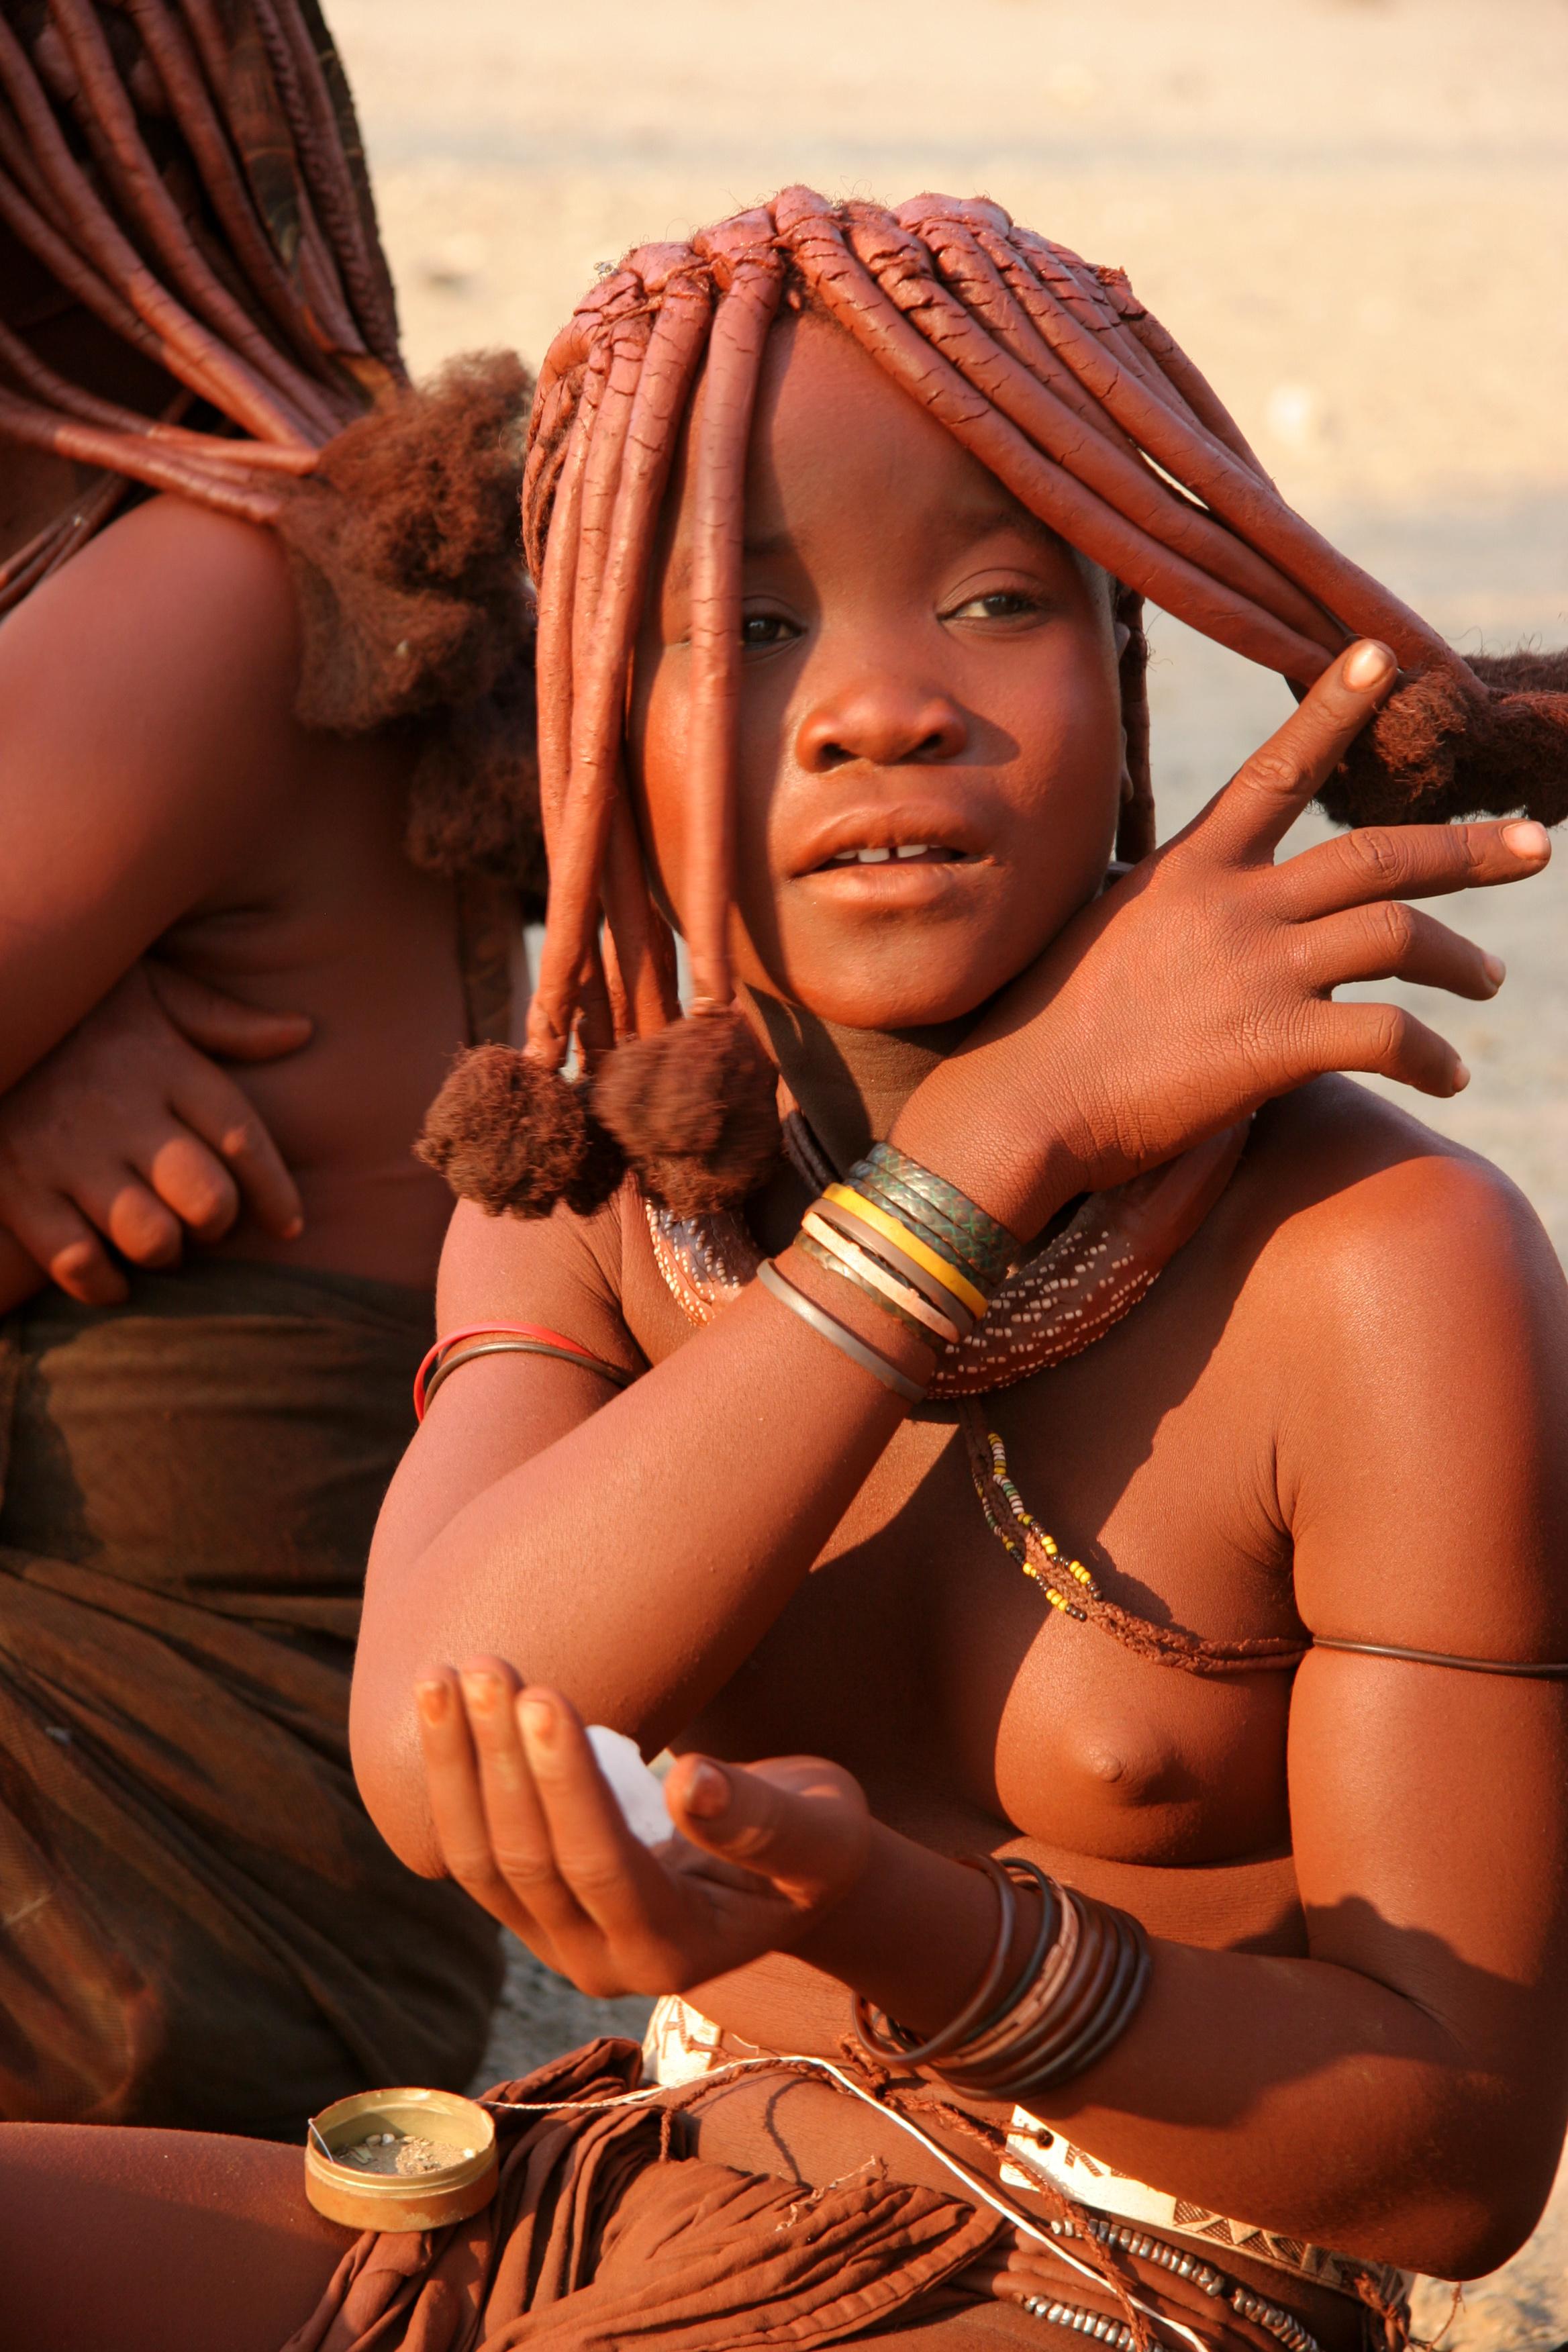 tribe girls spreading